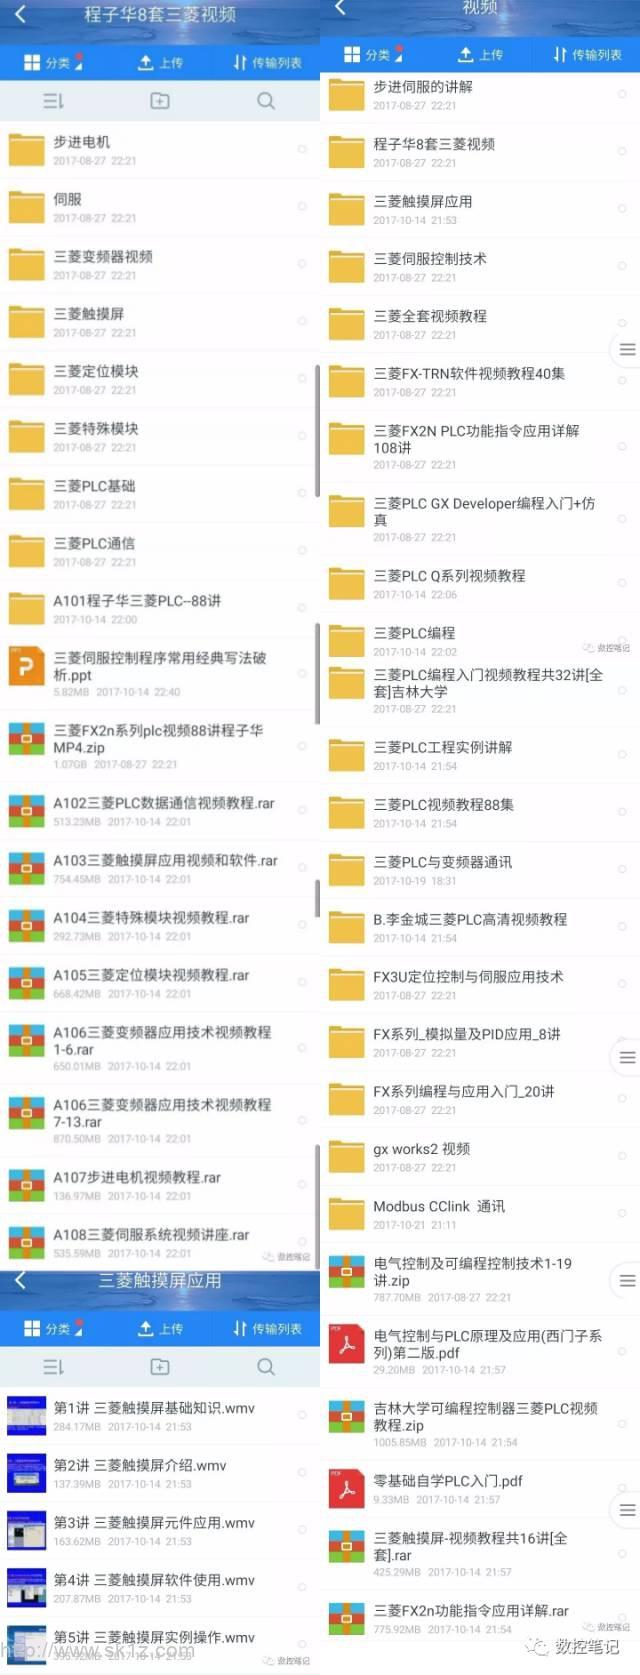 【资料】三菱 PLC 触摸屏 变频 伺服 步进 通讯全套视频教程及软件